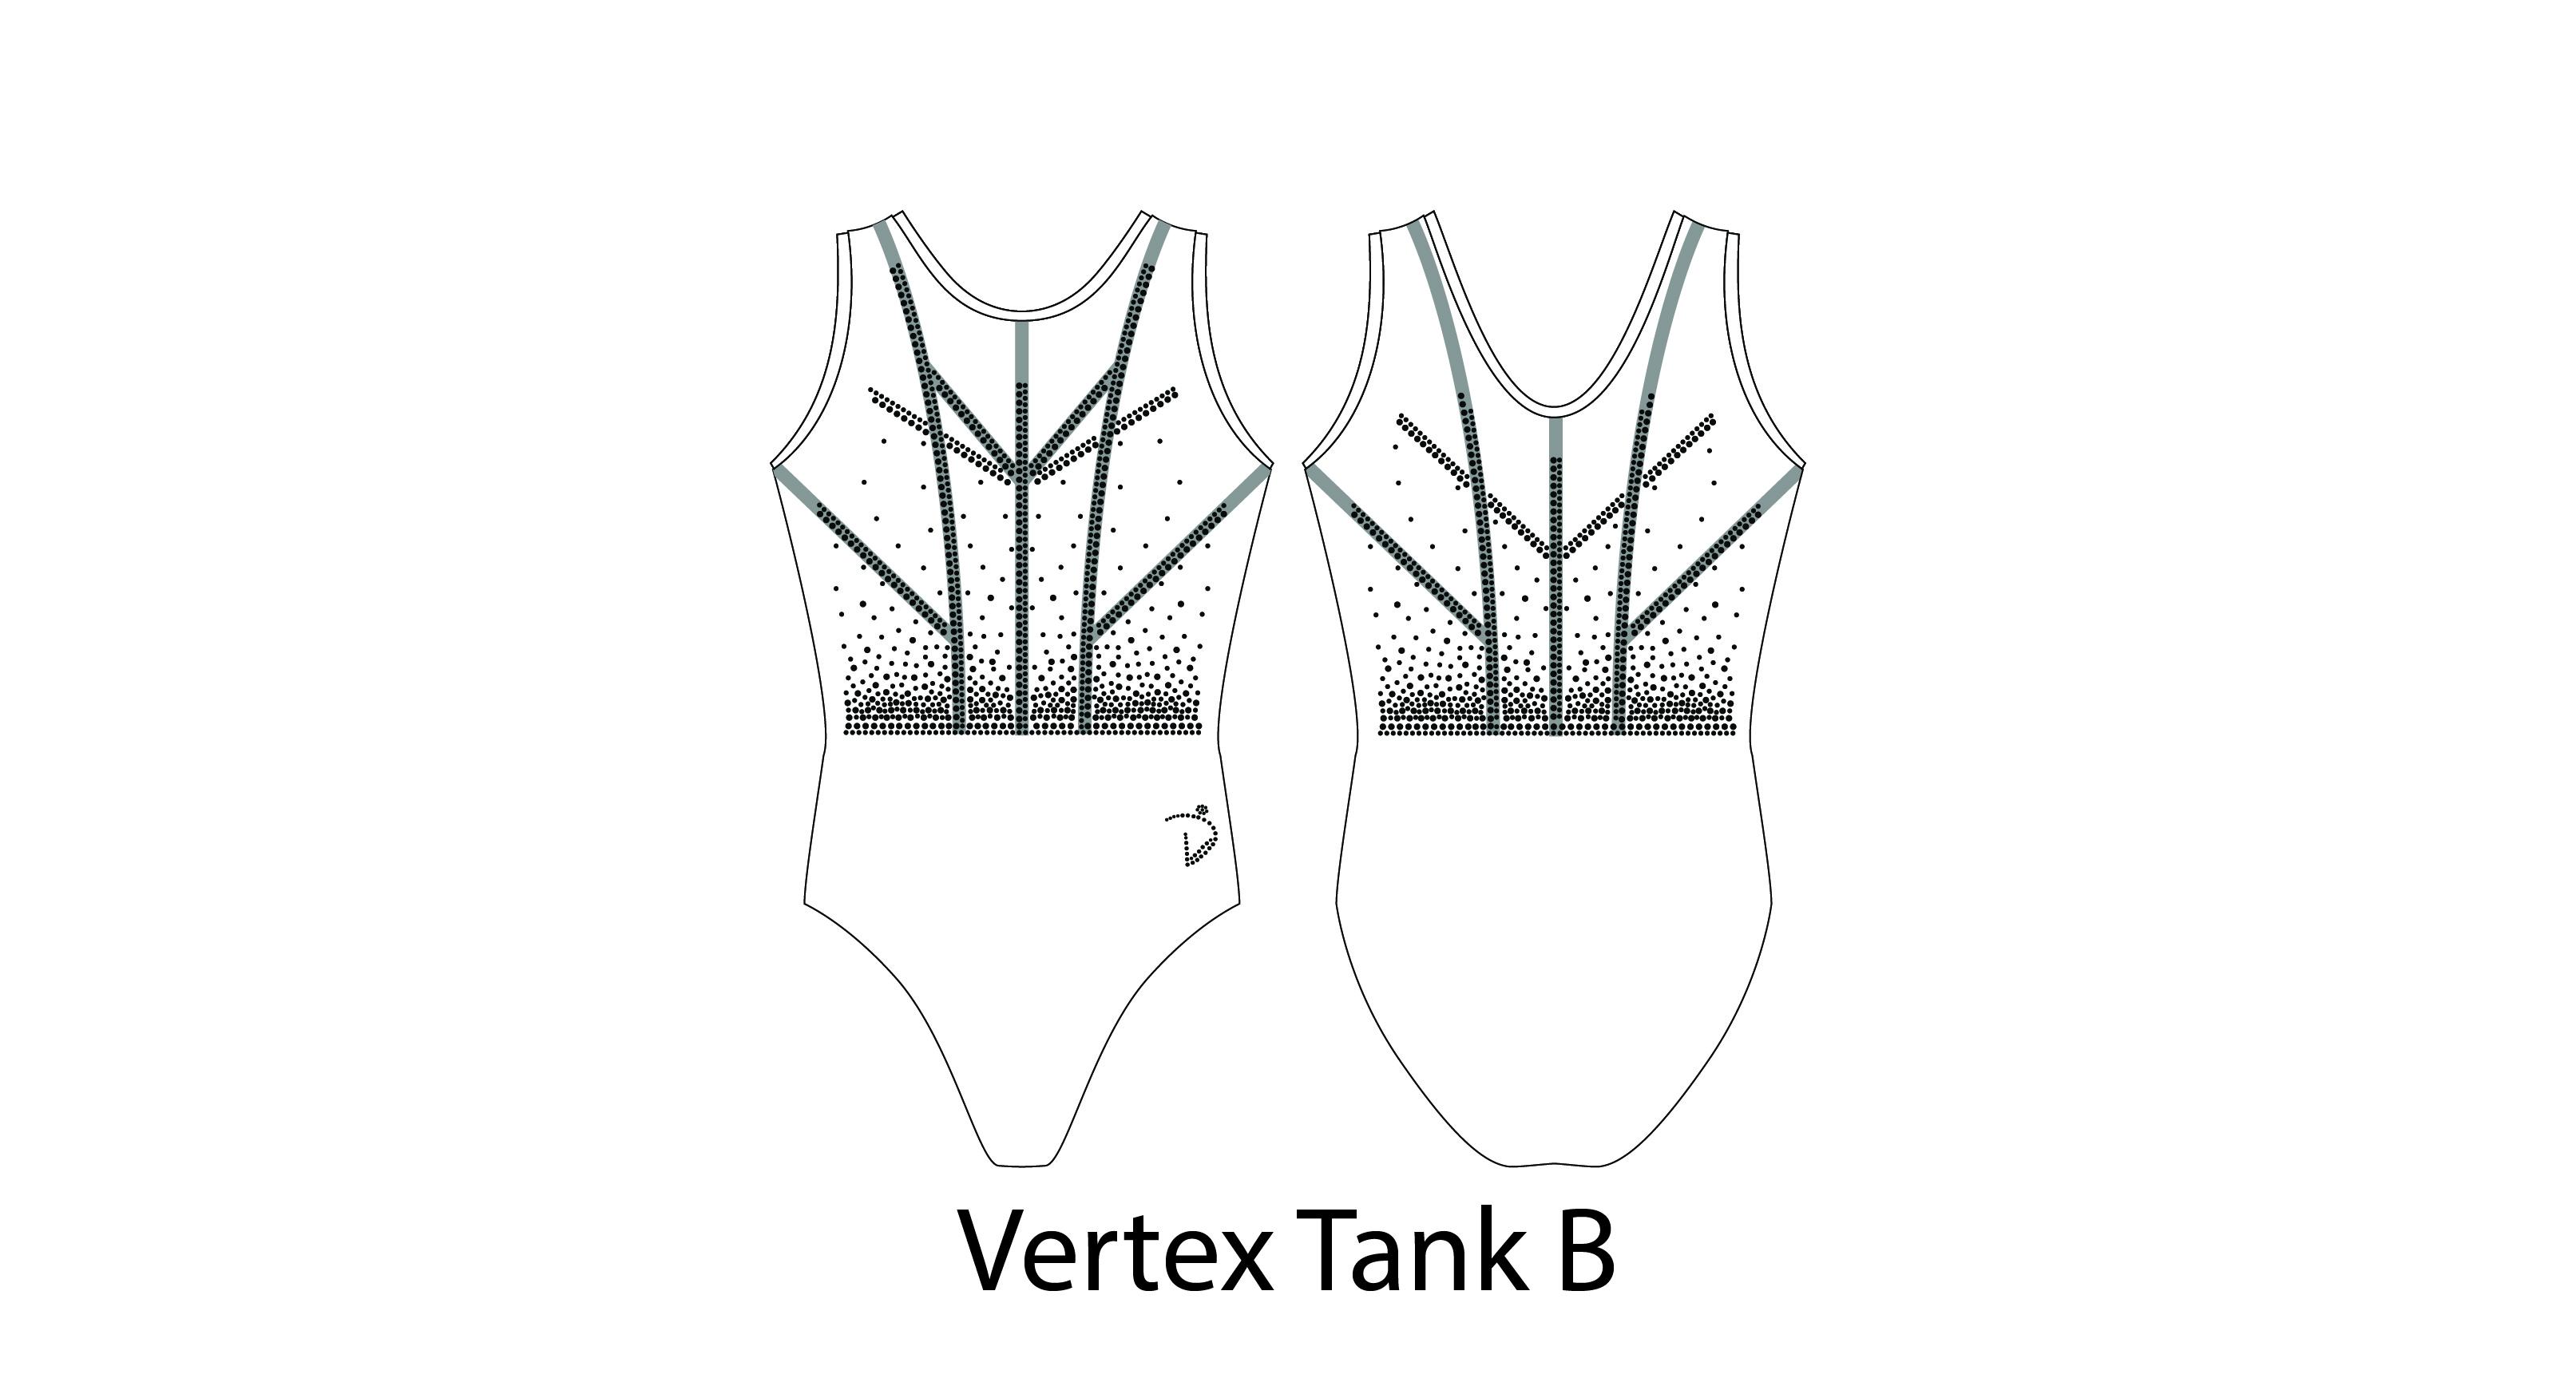 Vertex Tank B